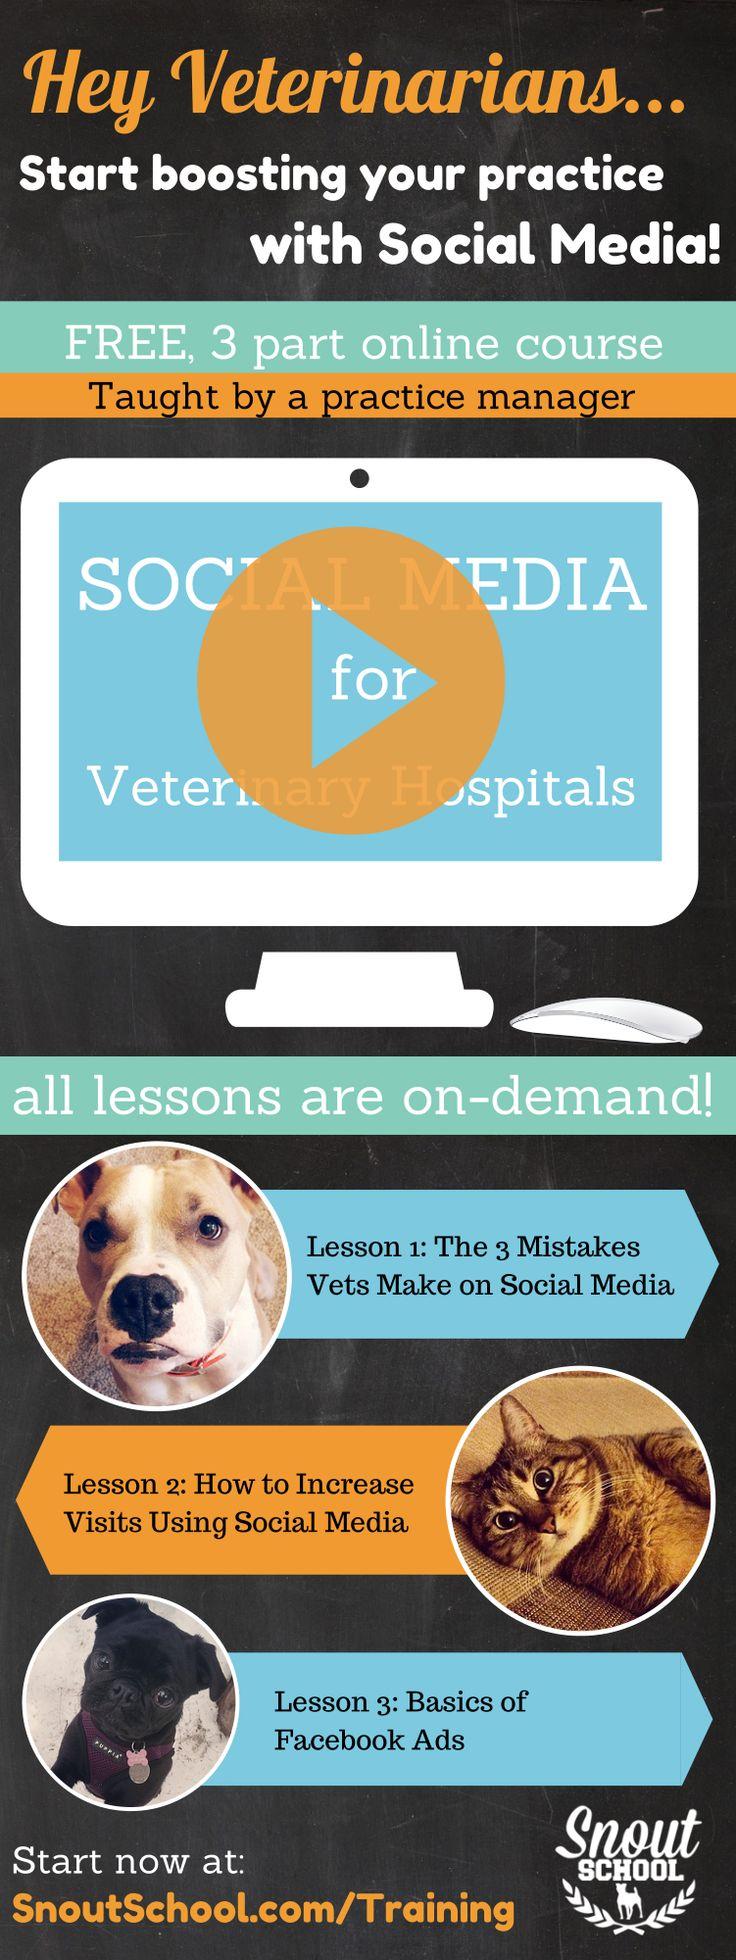 63 Best Veterinary Pet Memes Images On Pinterest Veterinary